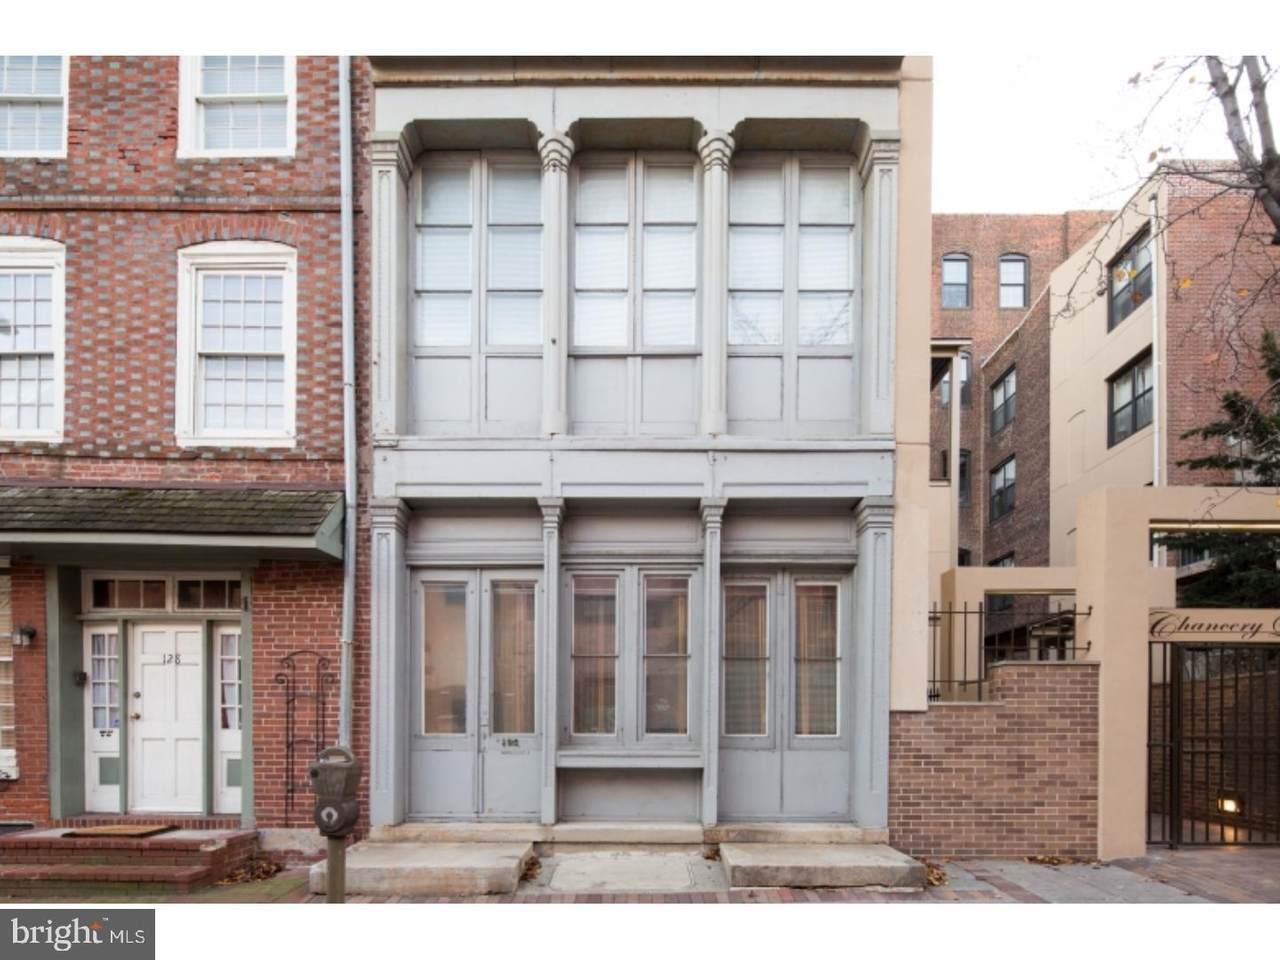 130-1 Arch Street - Photo 1